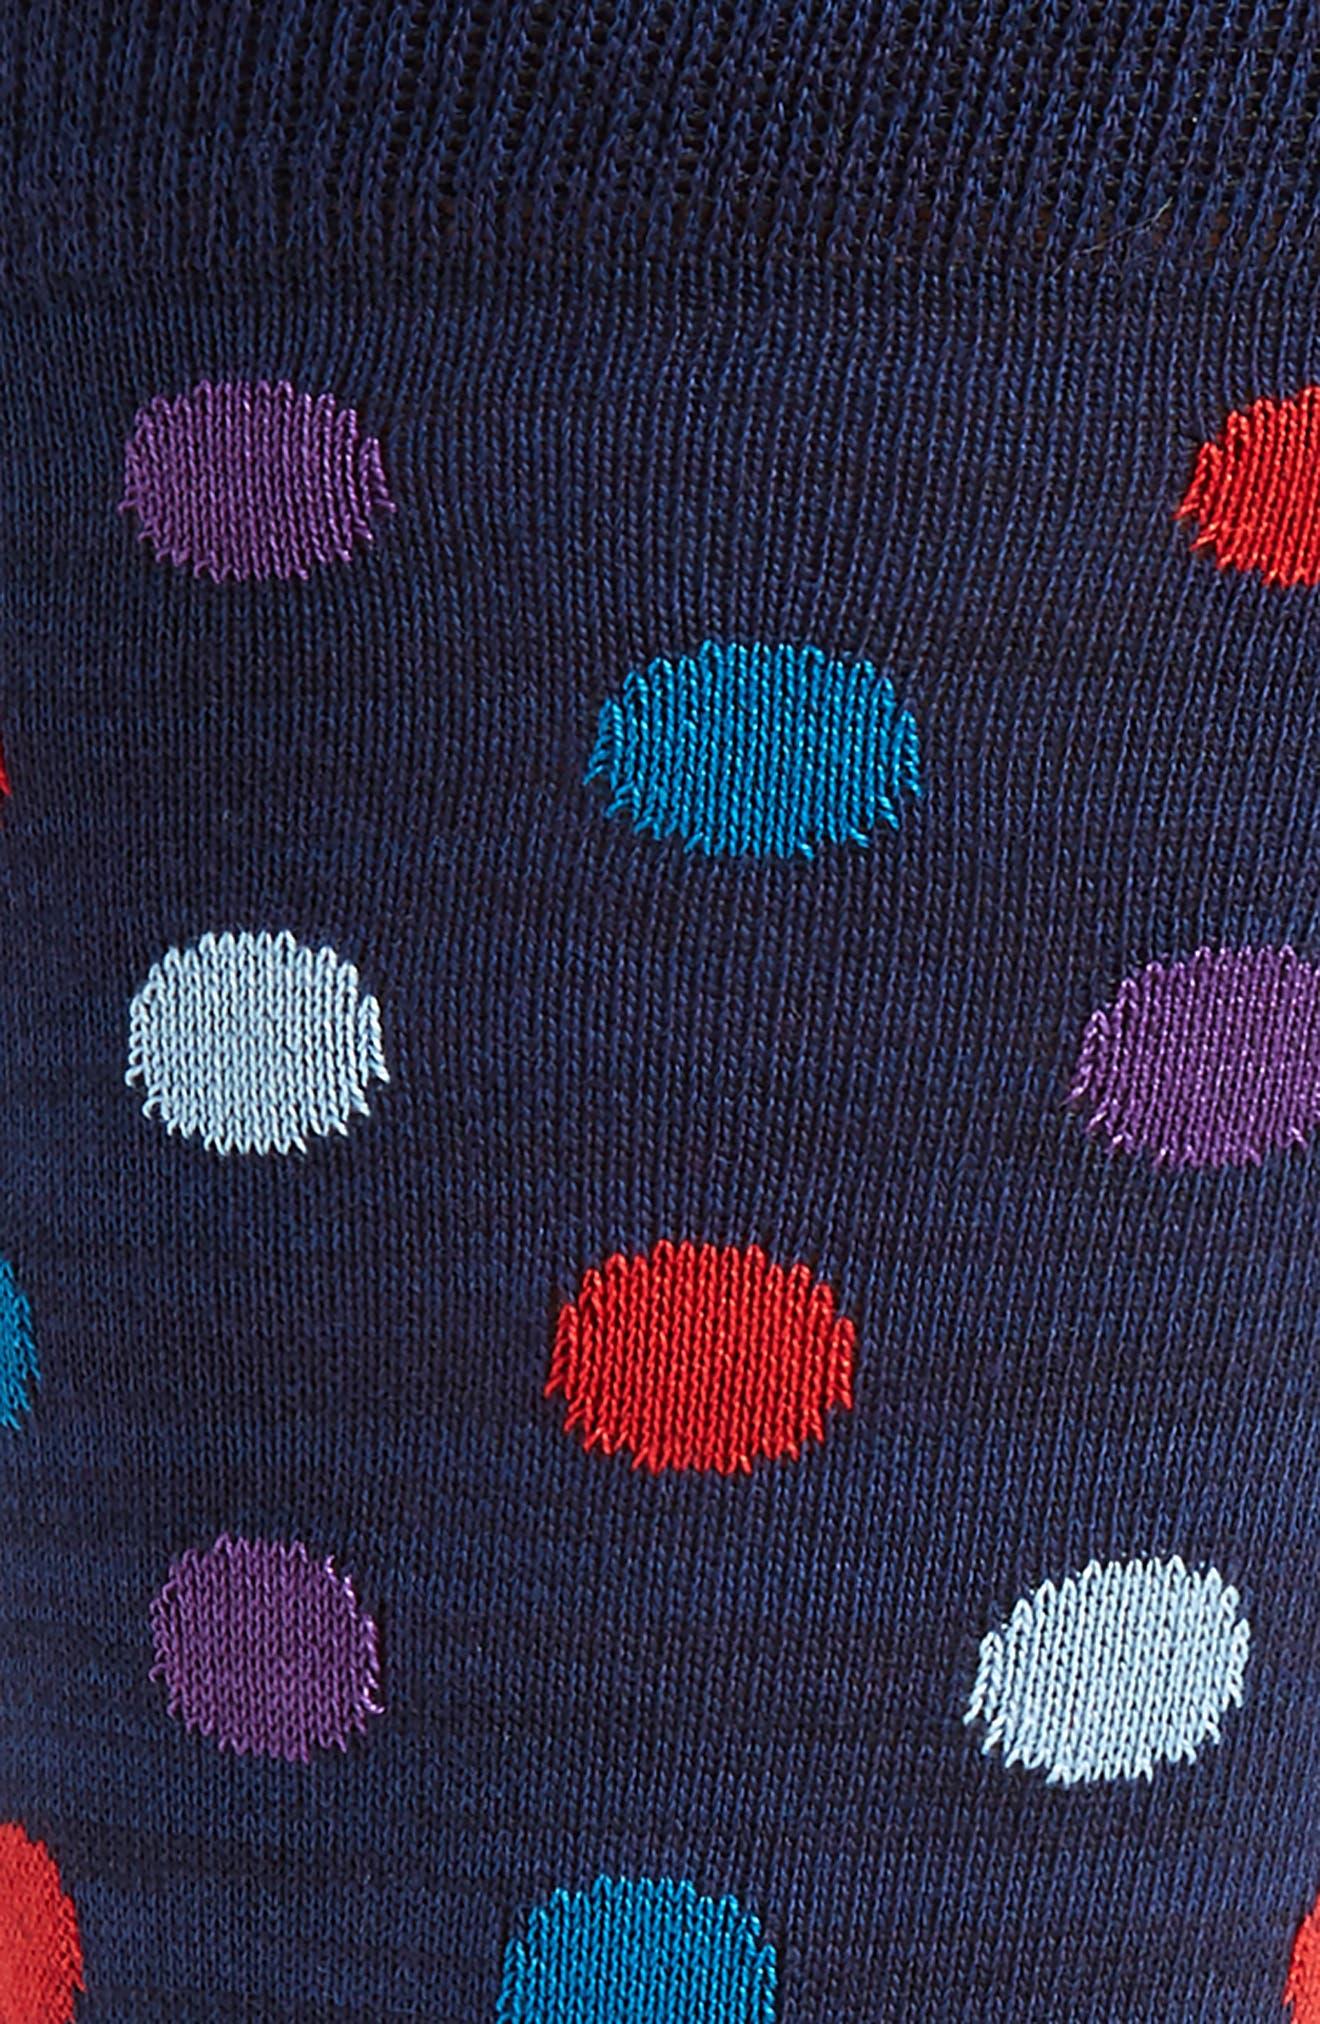 Dot & Stripe Socks,                             Alternate thumbnail 6, color,